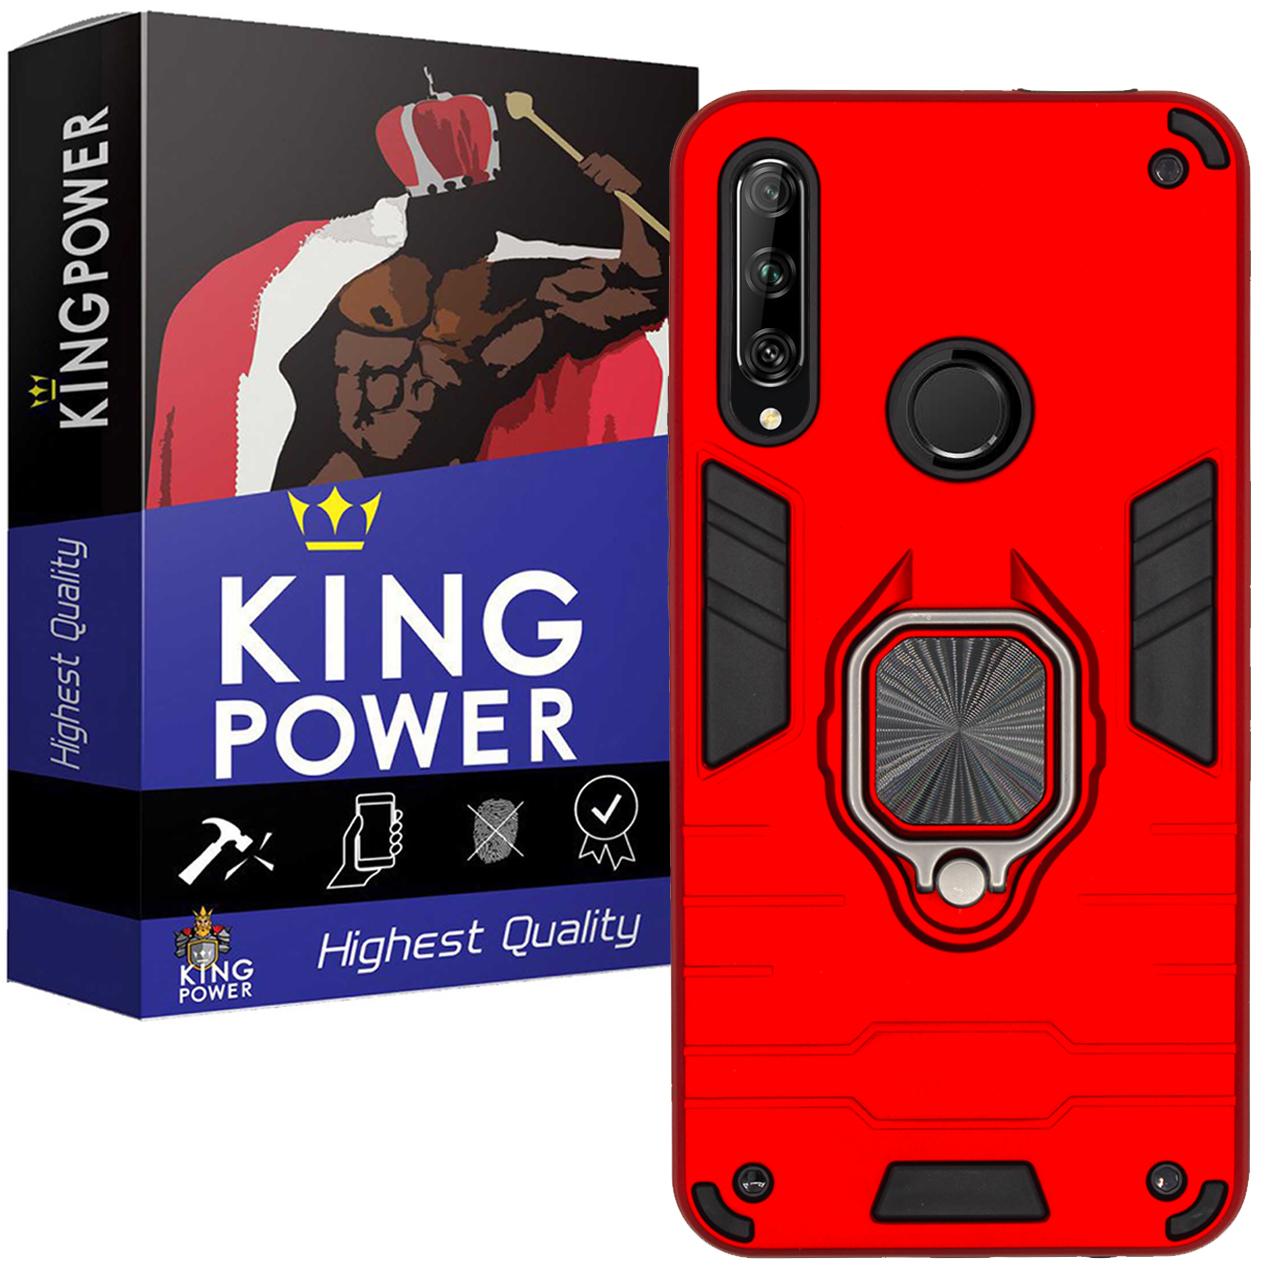 کاور کینگ پاور مدل ASH22 مناسب برای گوشی موبایل هوآوی Y9 Prime 2019 / آنر 9X